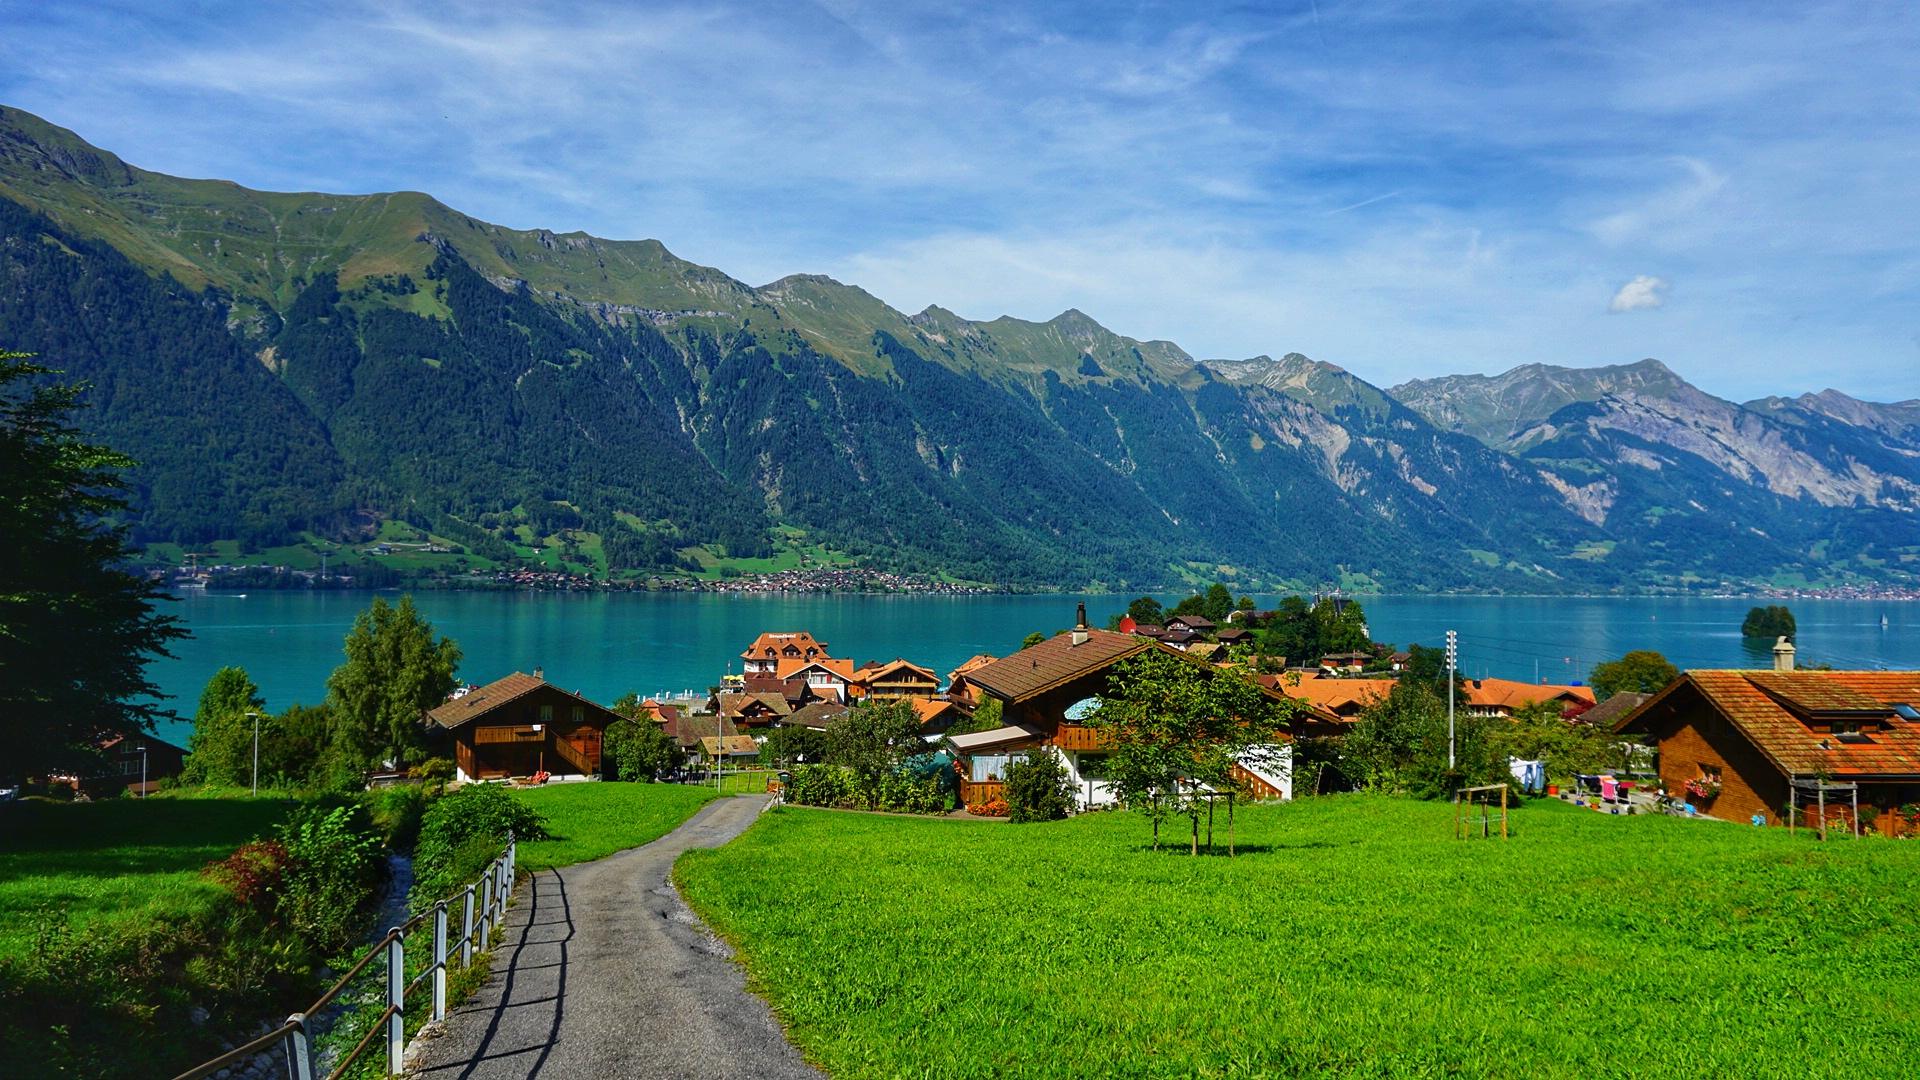 صورة لبحيرة بحيرة برينز سويسرا